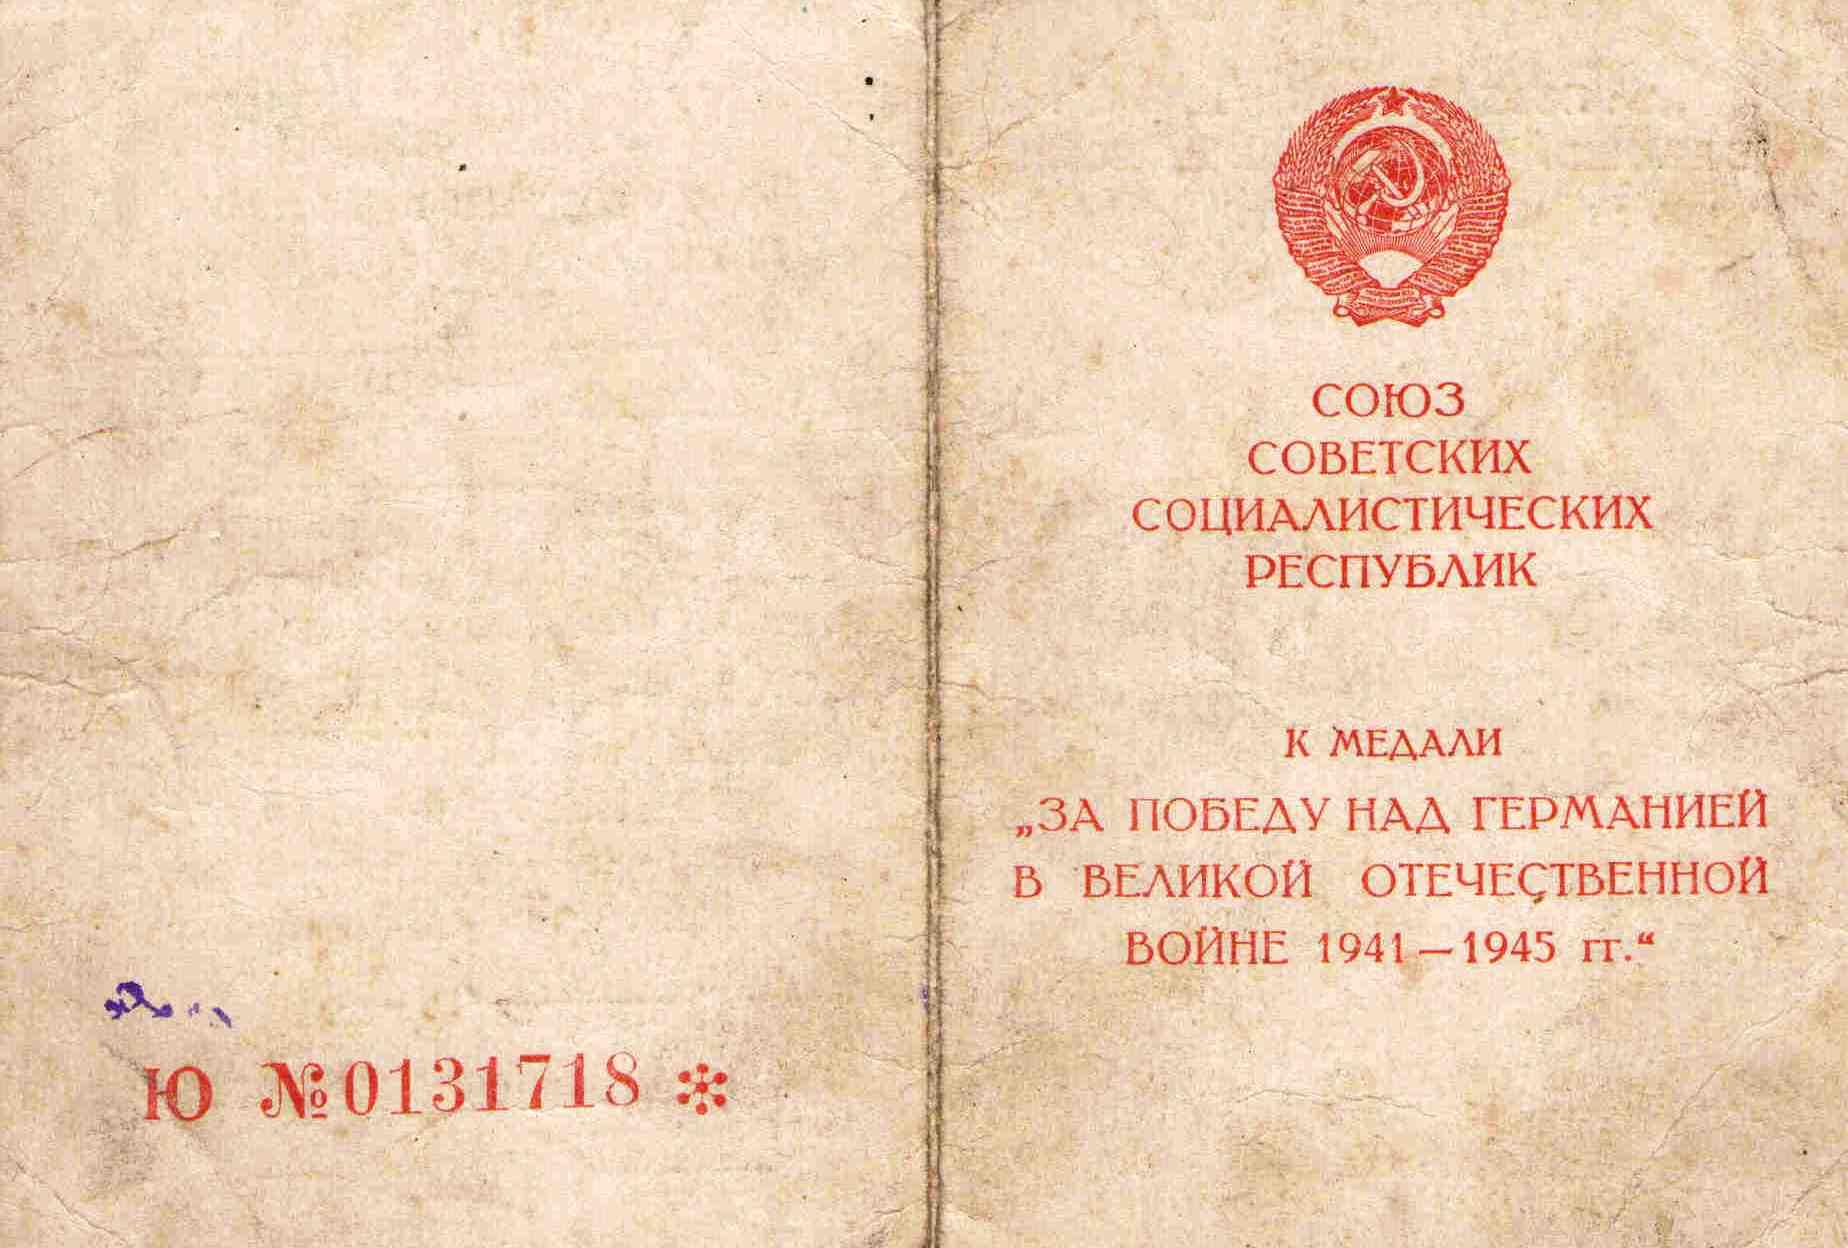 41. Удостоверение к медали За Победу над Германией, Барыкин ПП, 1947